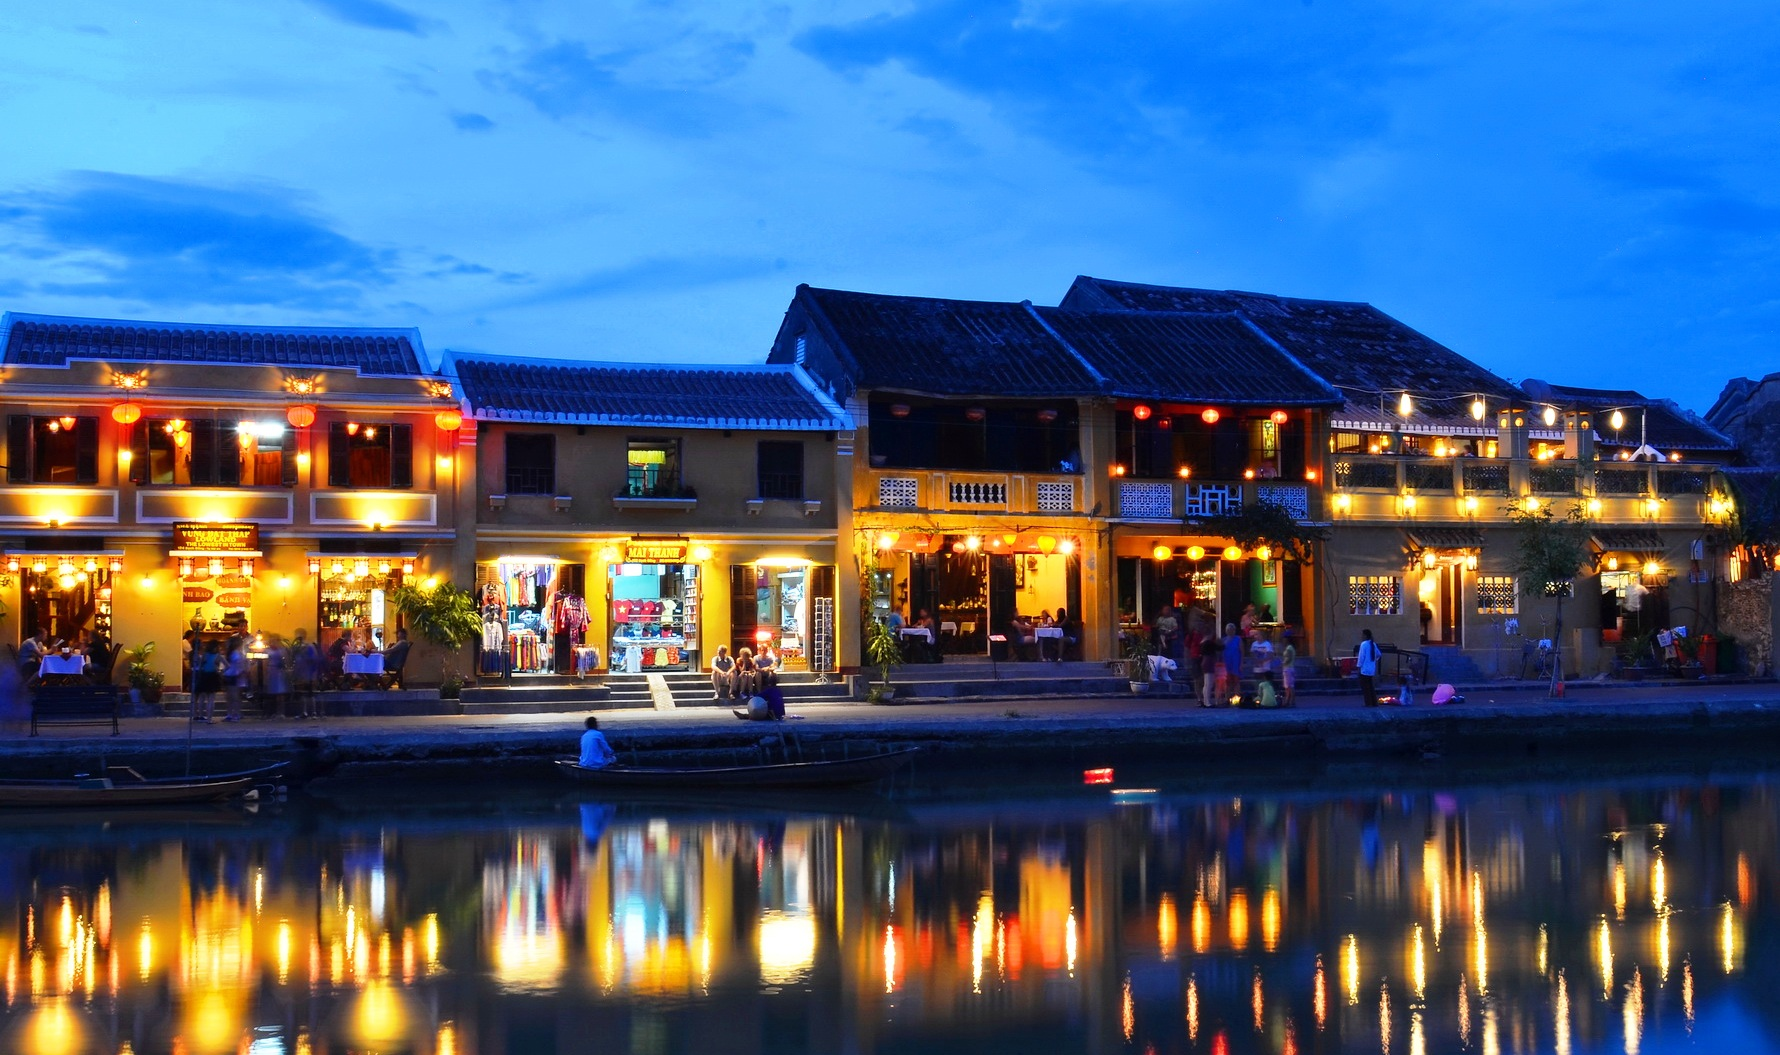 Hội An, top 5 điểm đến lãng mạn nhất để 'hẹn hò' ở châu Á